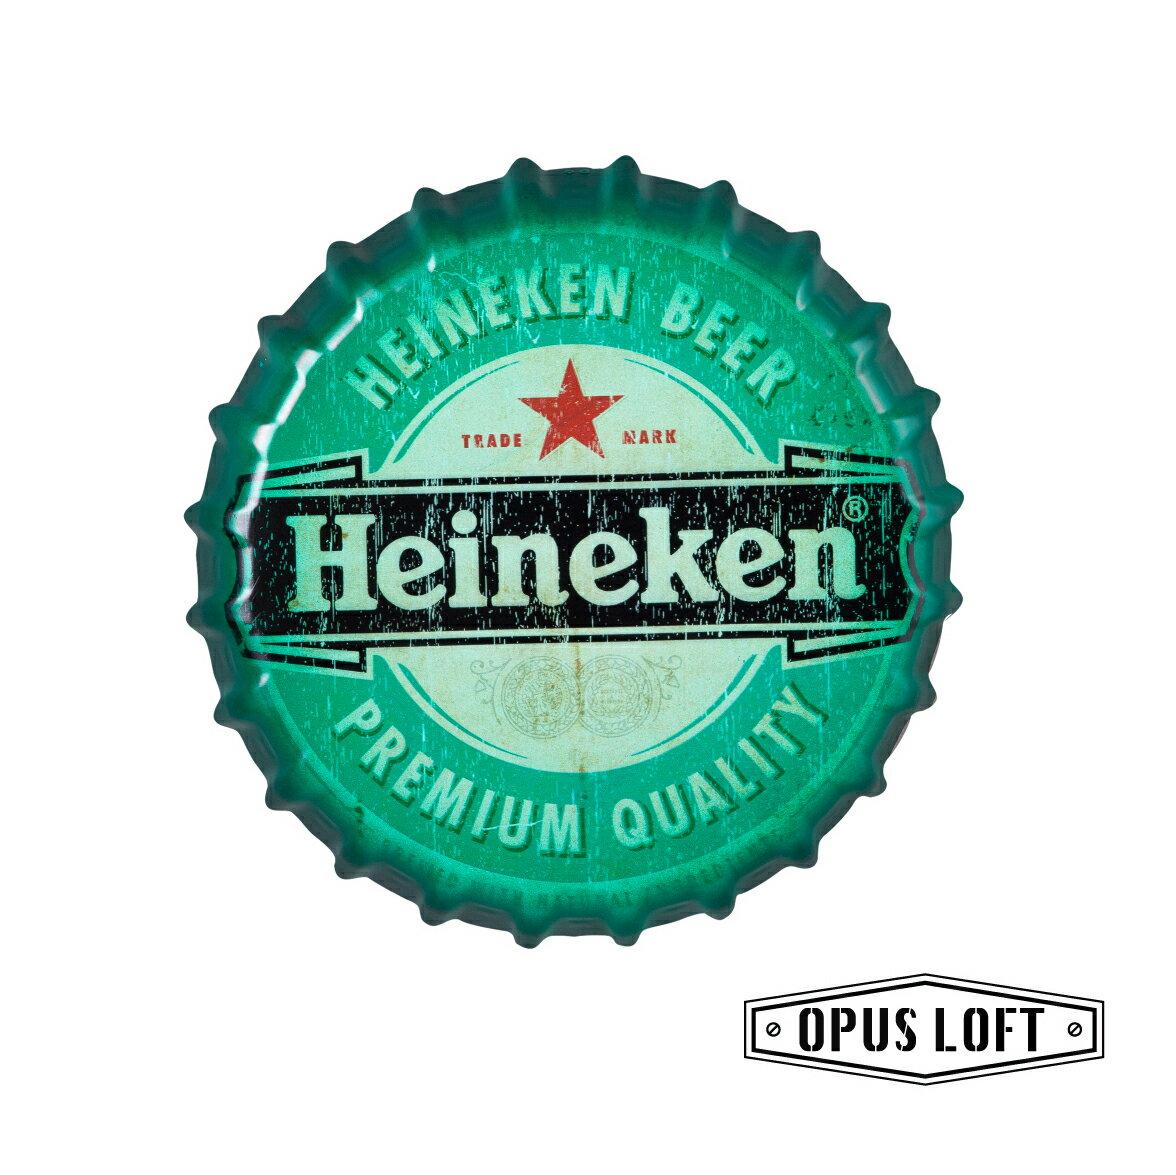 LOFT仿舊啤酒瓶蓋壁飾-海尼根